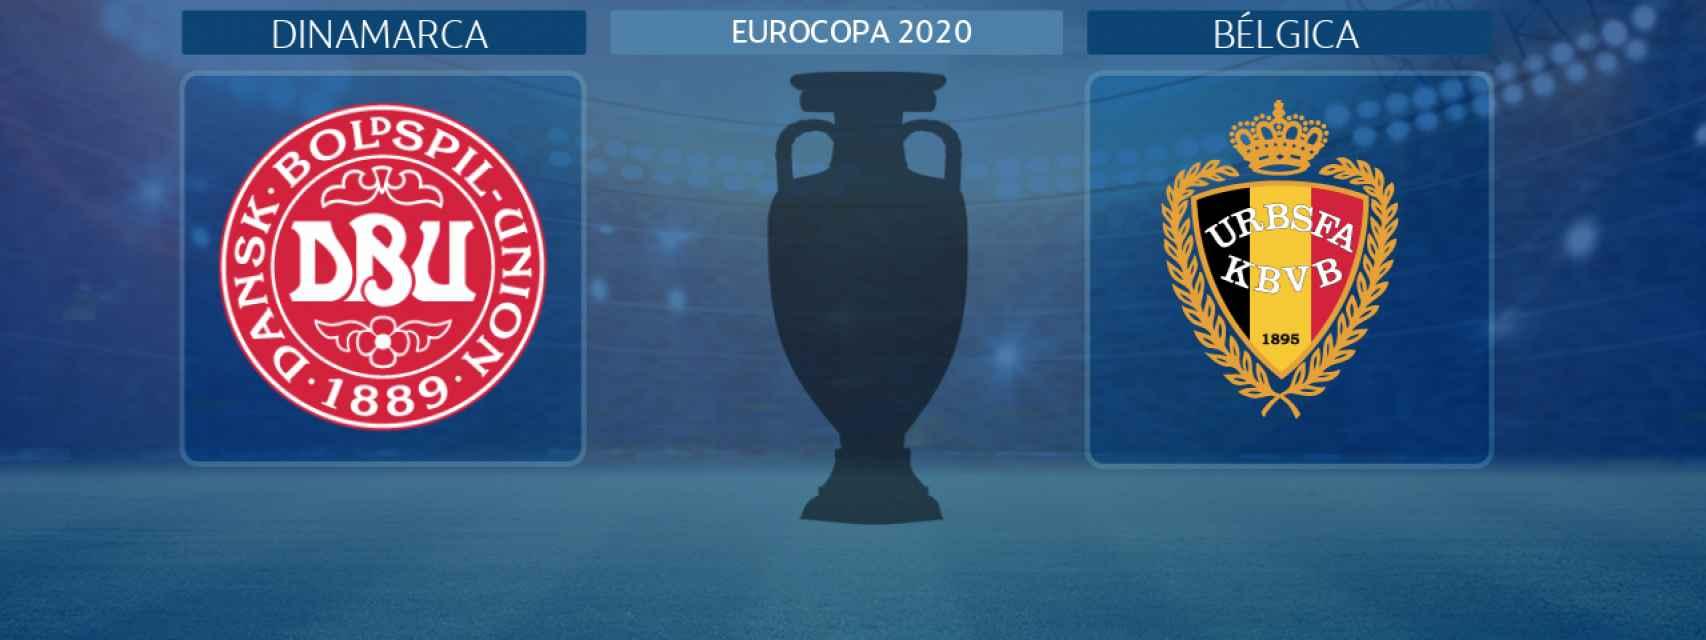 Dinamarca - Bélgica, partido de la Eurocopa 2020